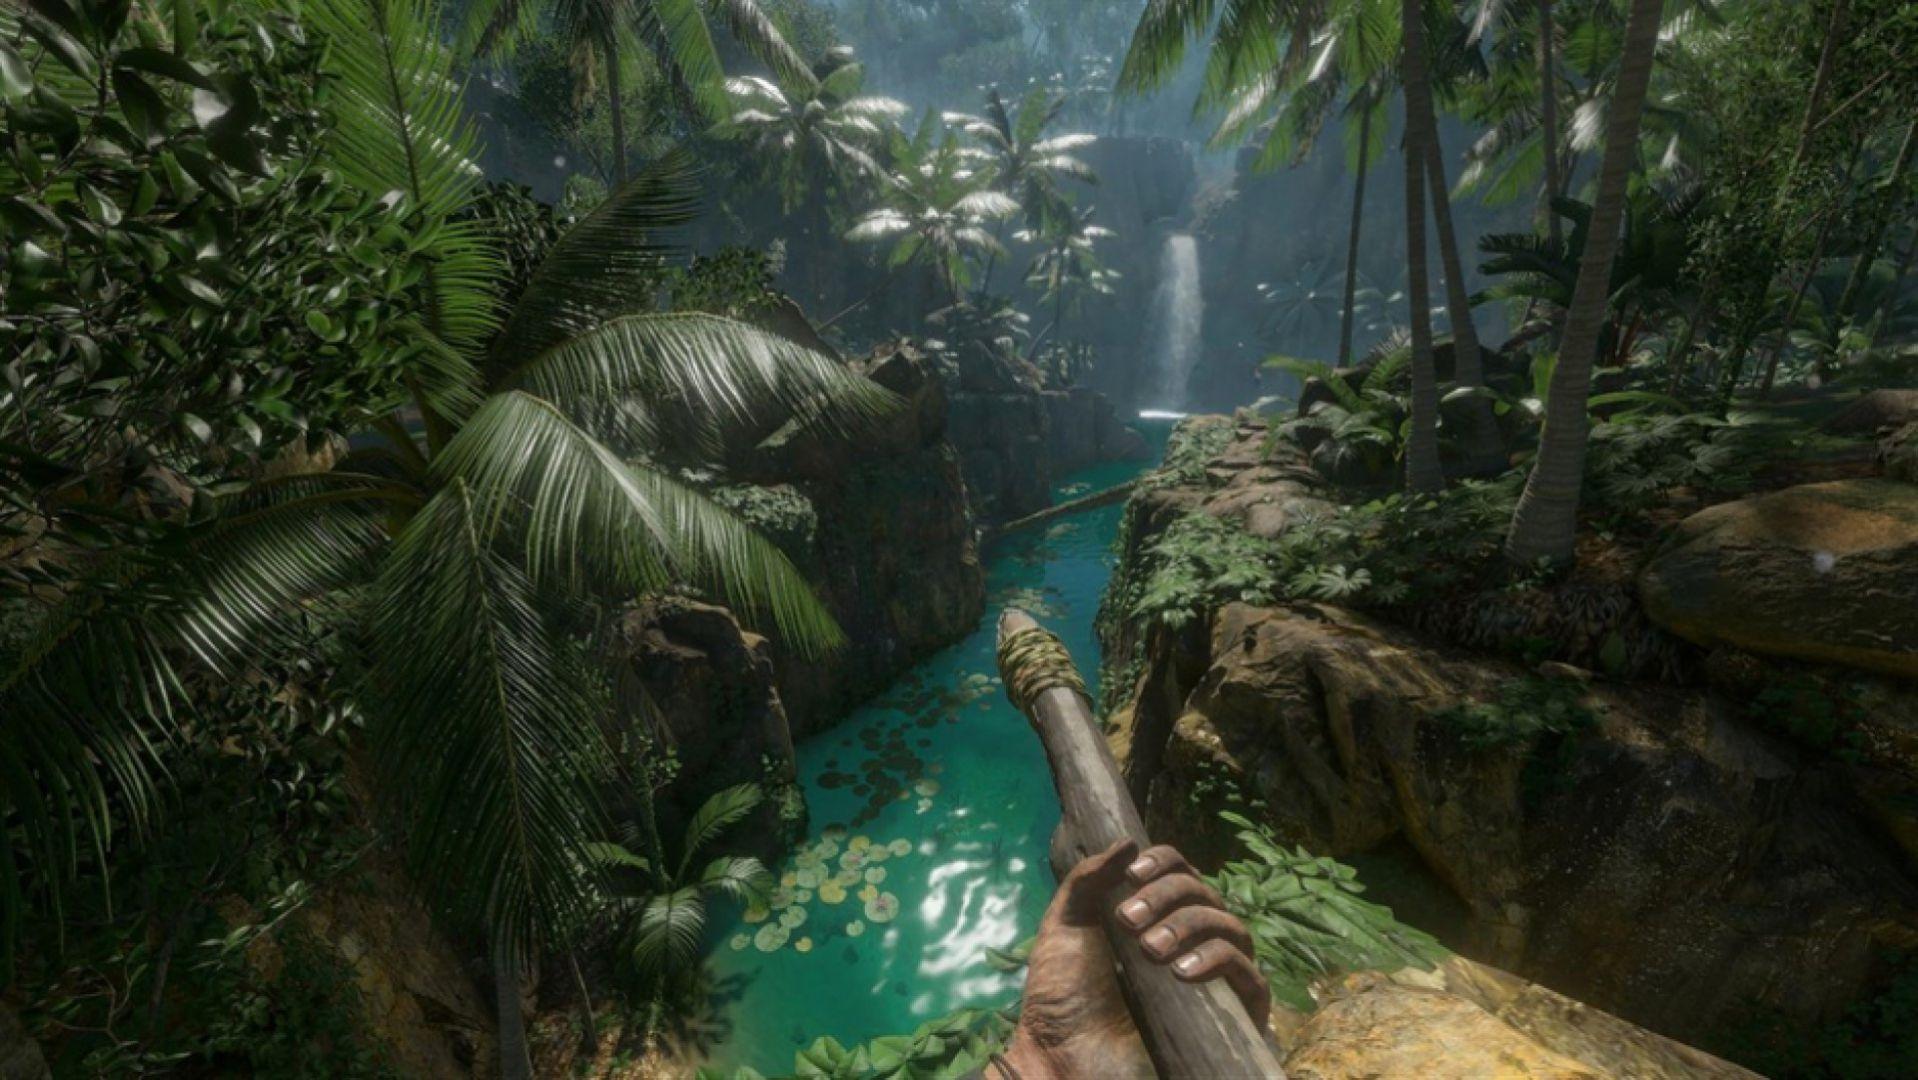 Análisis de Green Hell - Os presentamos el análisis de Green Hell, un simulador de supervivencia extrema ambientado en las selvas amazónicas